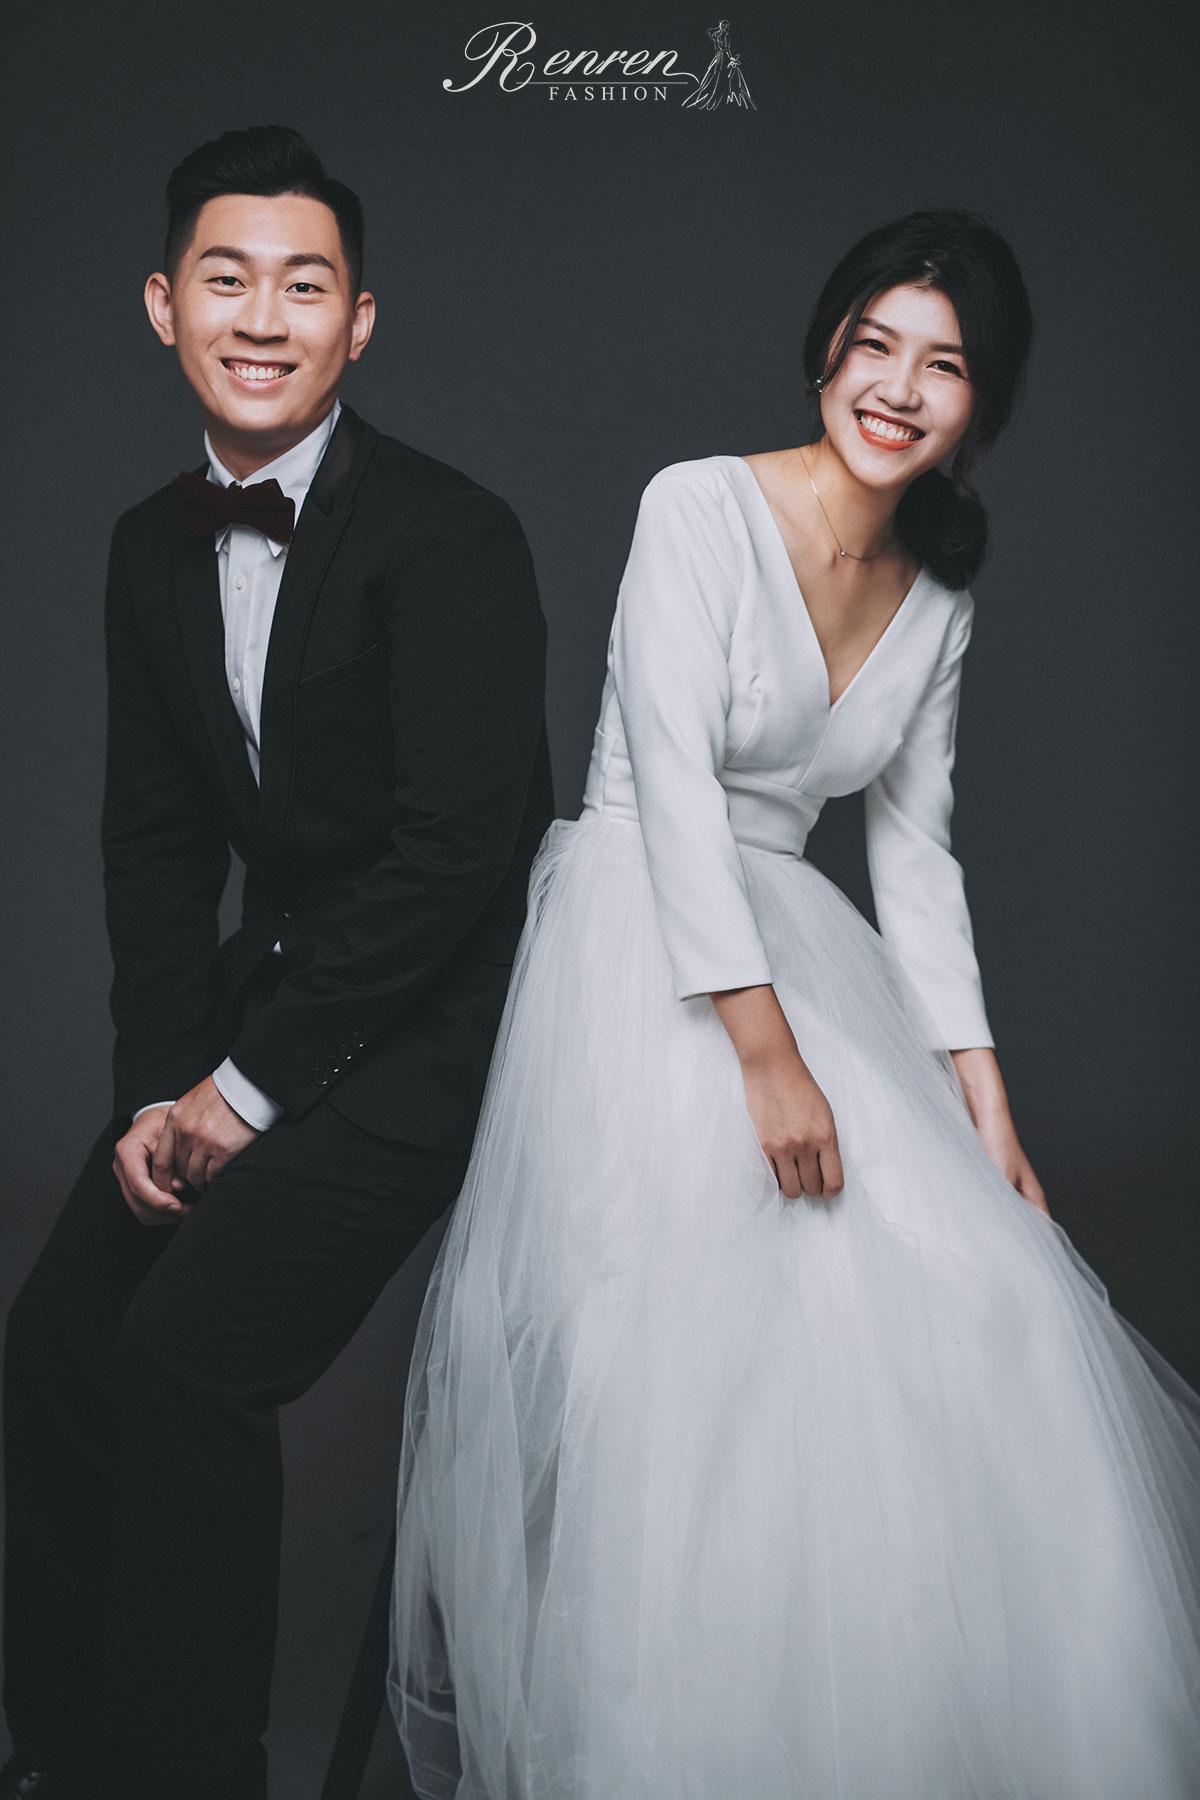 婚紗 美式自然 - 台中-冉冉婚紗-慕朵影像